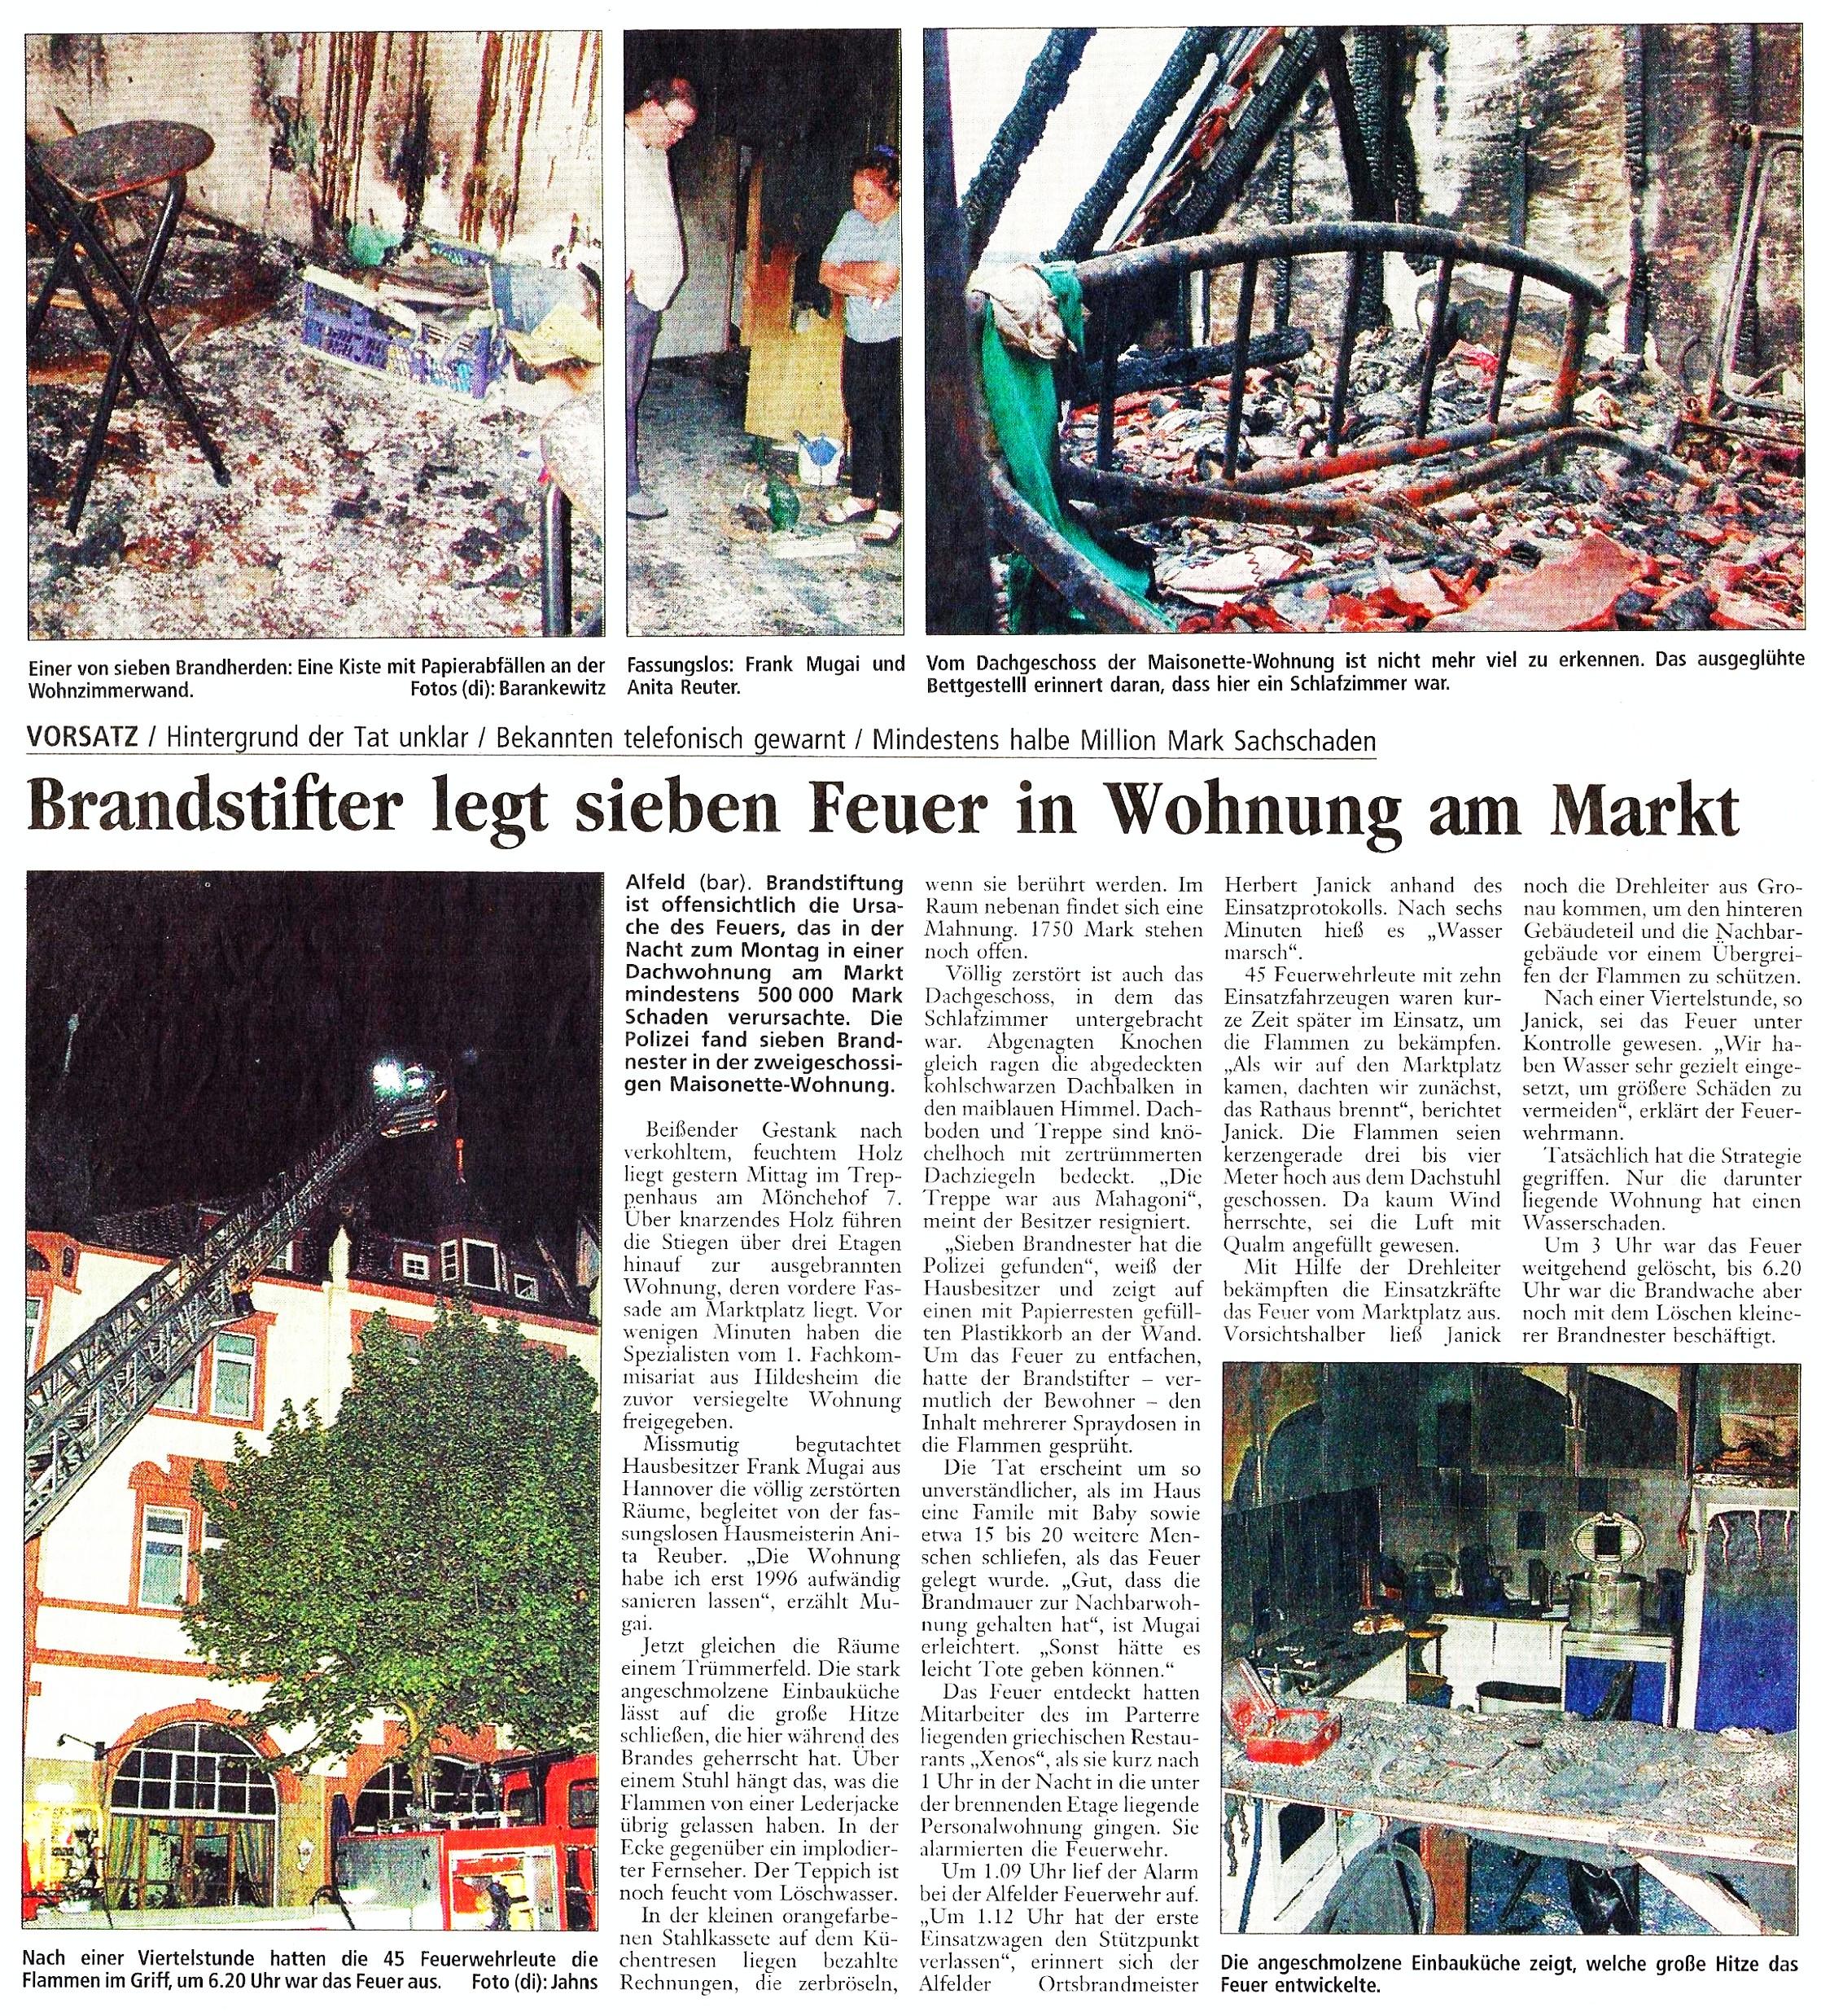 2001-05-15 Brandstifter legt 7 Feuer in Wohnung am Markt